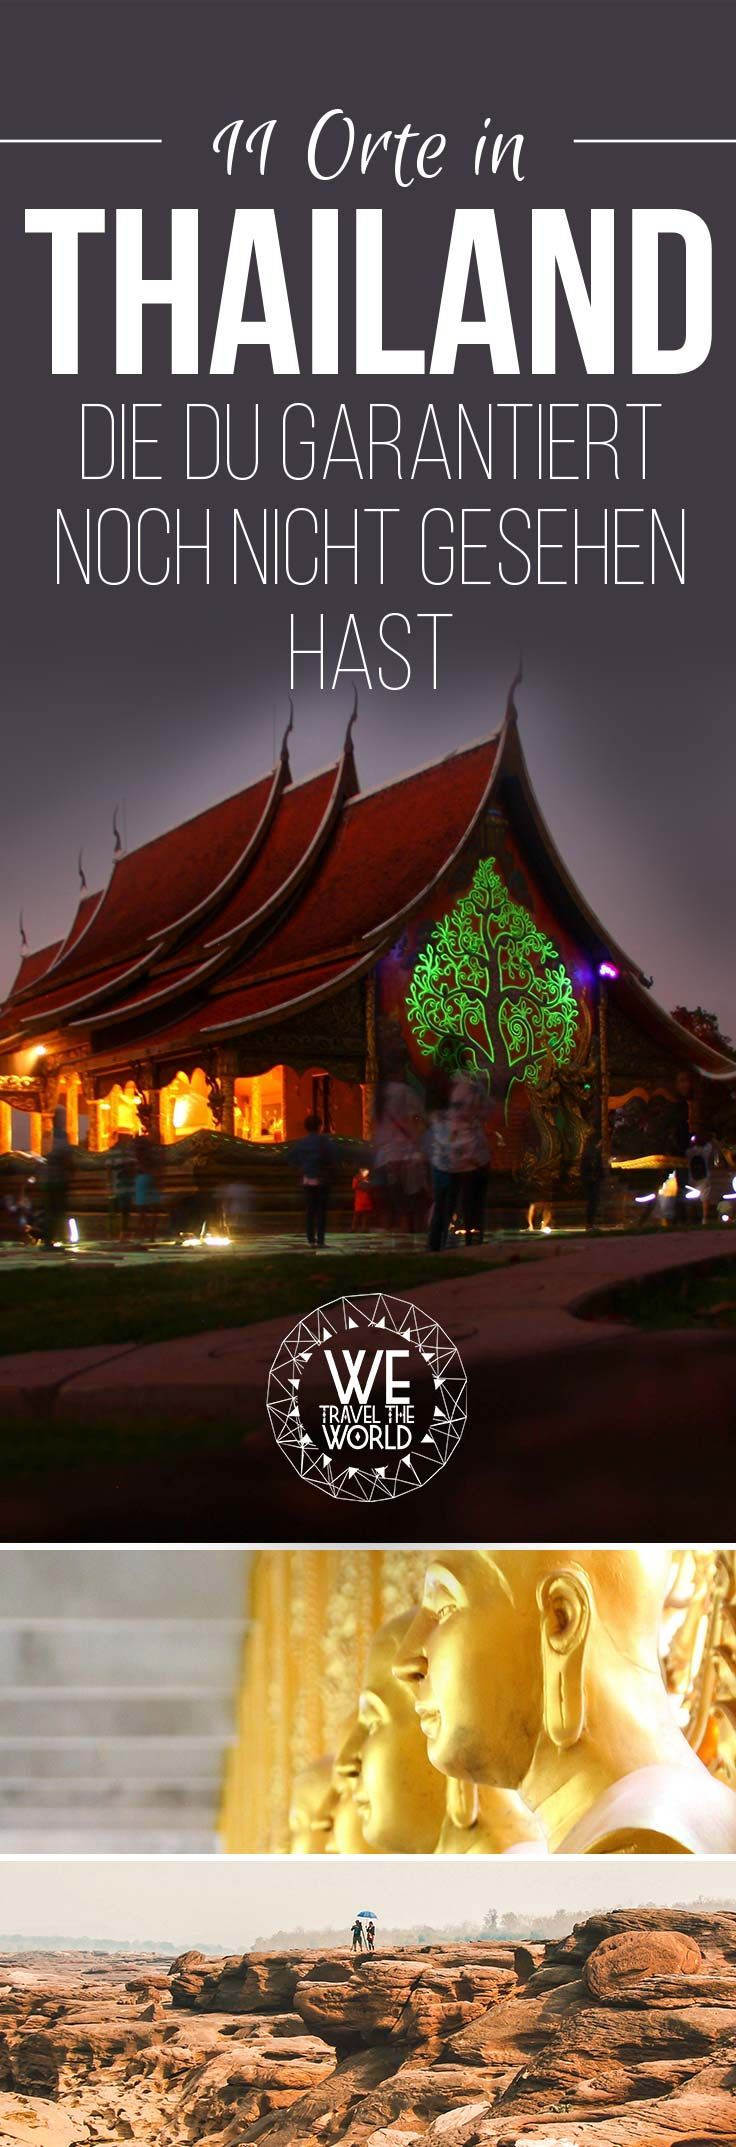 Thailand abseits des Massentourismus: 11 Ecken, die du garantiert noch nicht gesehen hast